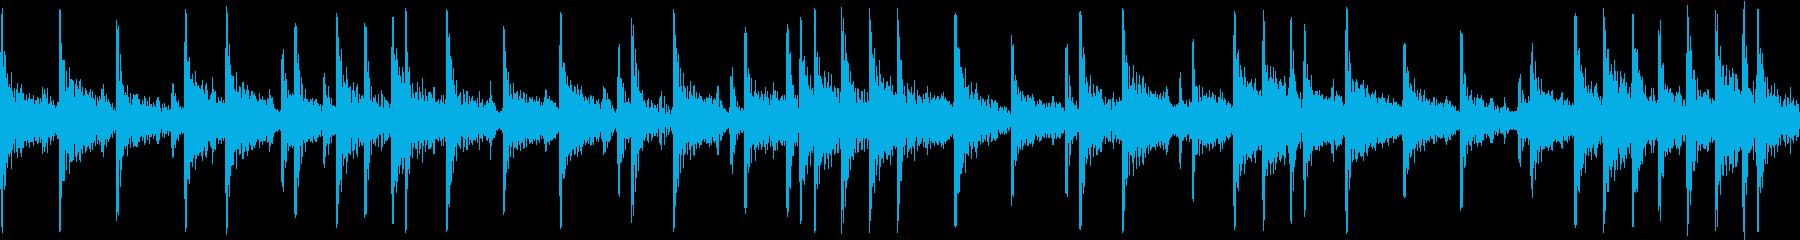 和太鼓で重たいリズムの短めループフレーズの再生済みの波形